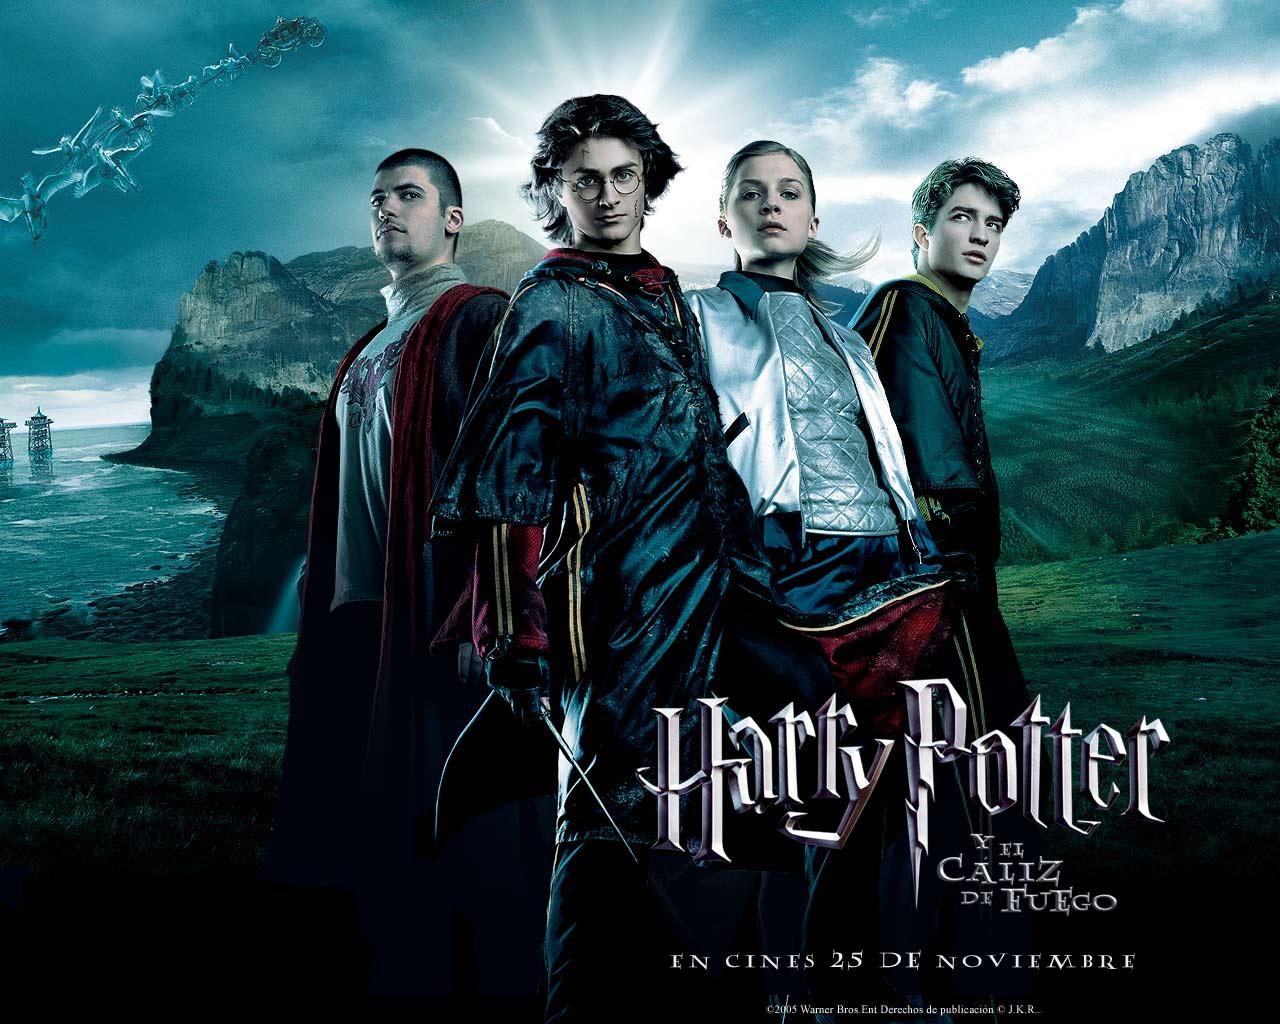 Ell historias: Harry Potter y el cáliz de fuego - Critica ...